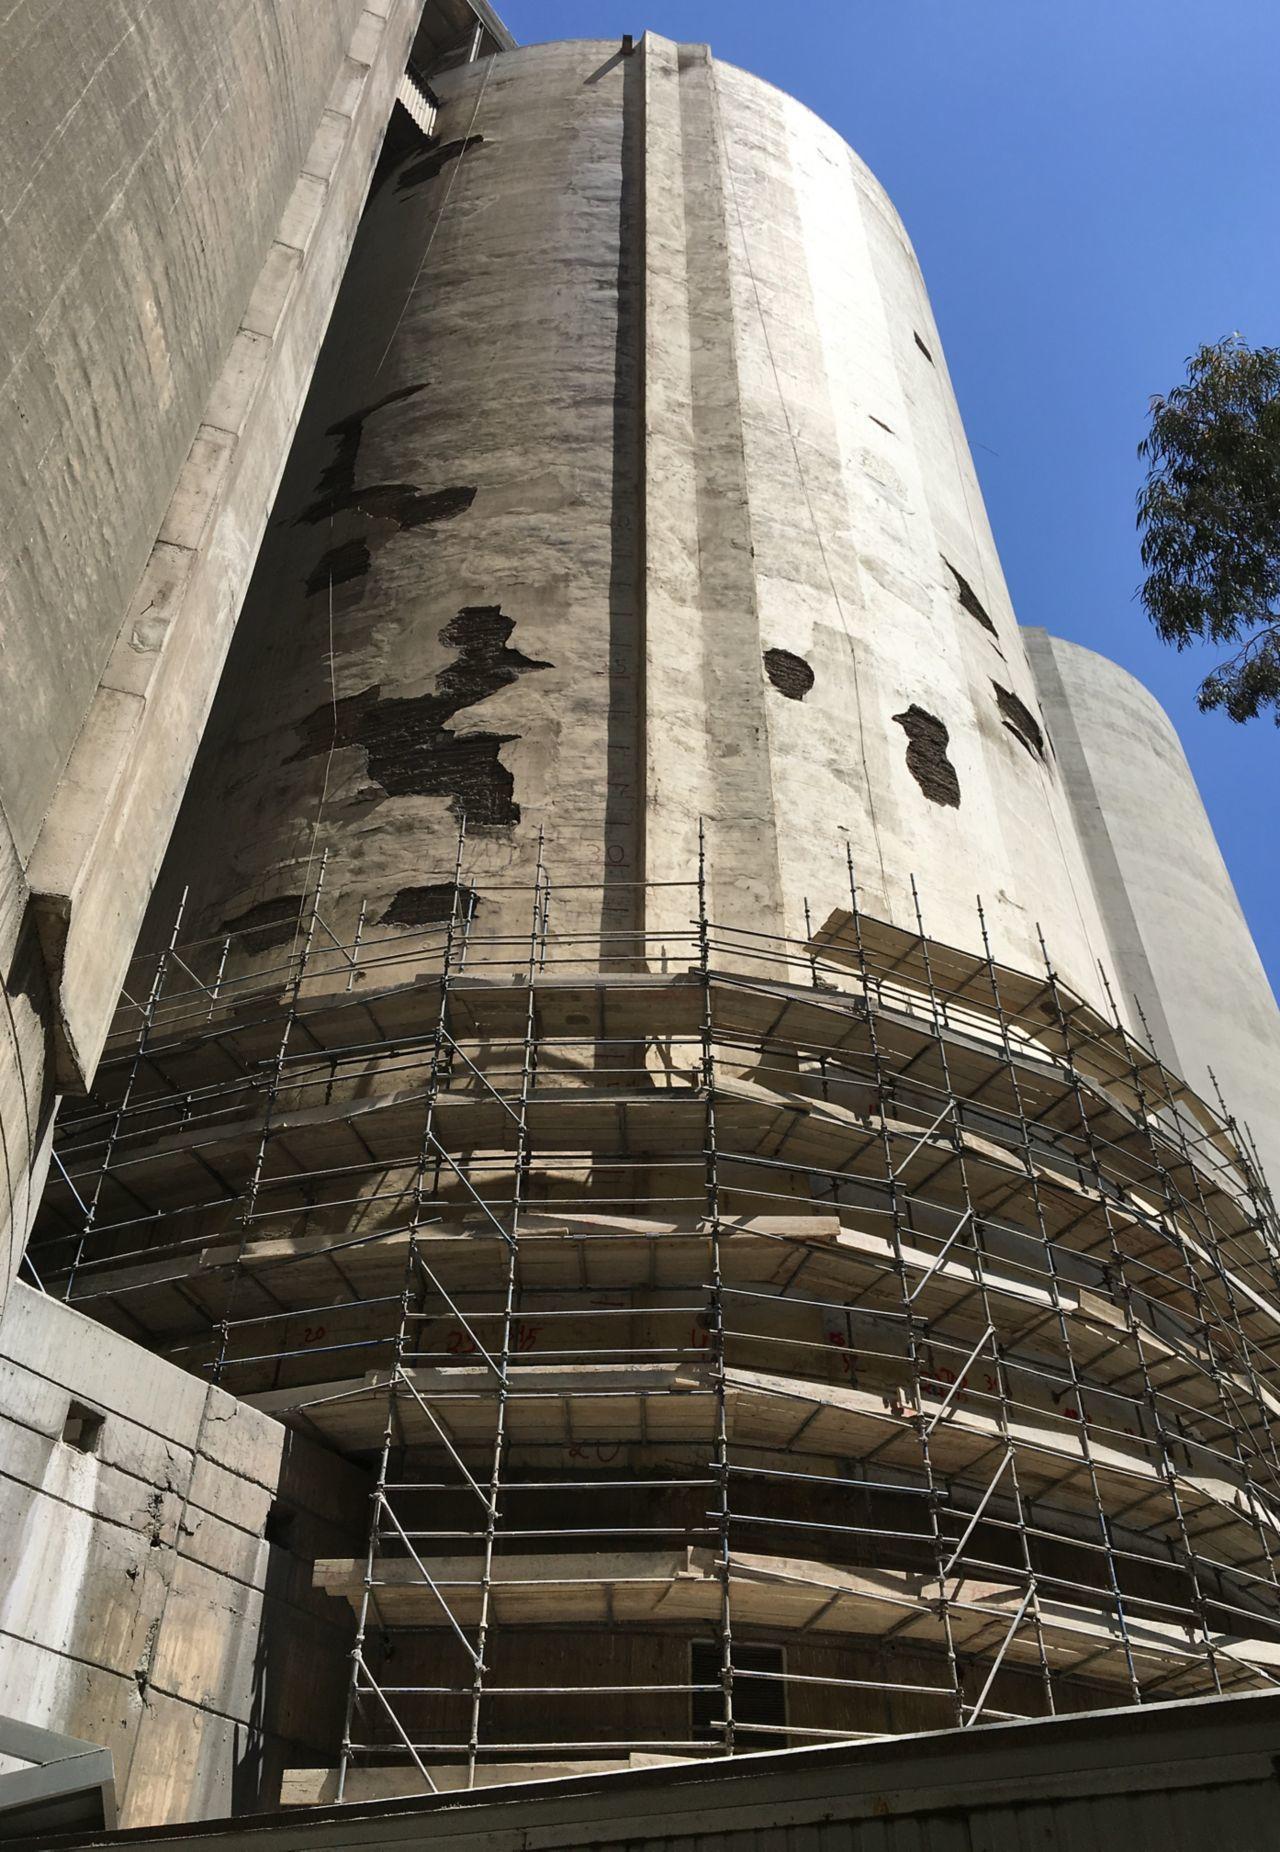 Reparación de silos en Líbano - Antes